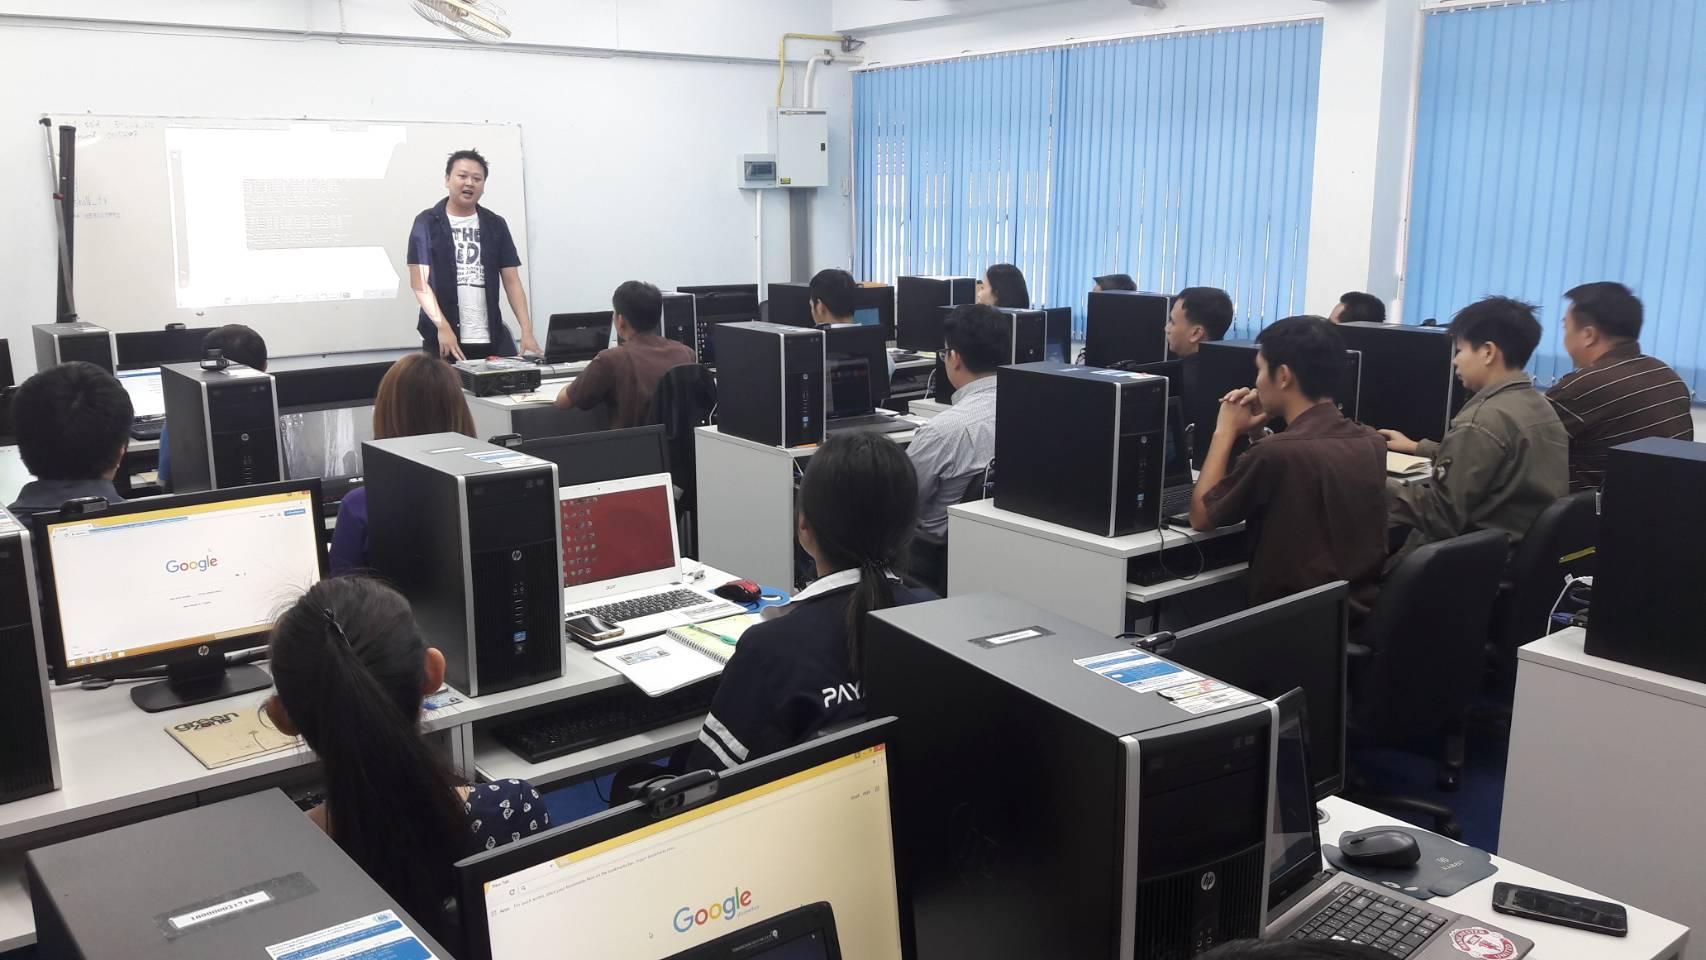 สอนเขียนเว็บ,สอนทําเว็บ,สอน php,สอน wordpress